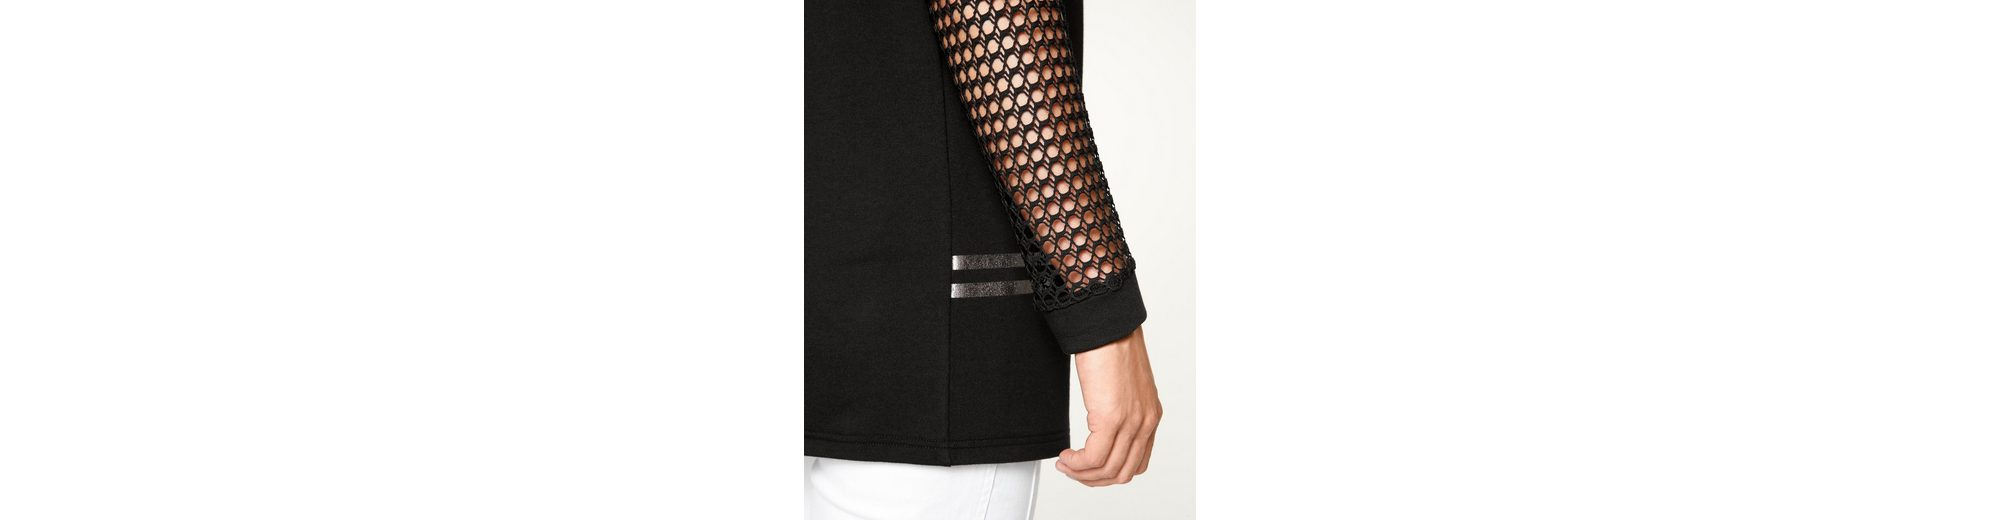 Die Offizielle Website Zum Verkauf Countdown Paketverkauf Online MIAMODA Sweatshirt mit transparentem Netz-Stoff Original Günstig Online Manchester Großer Verkauf Zum Verkauf Xr84F7